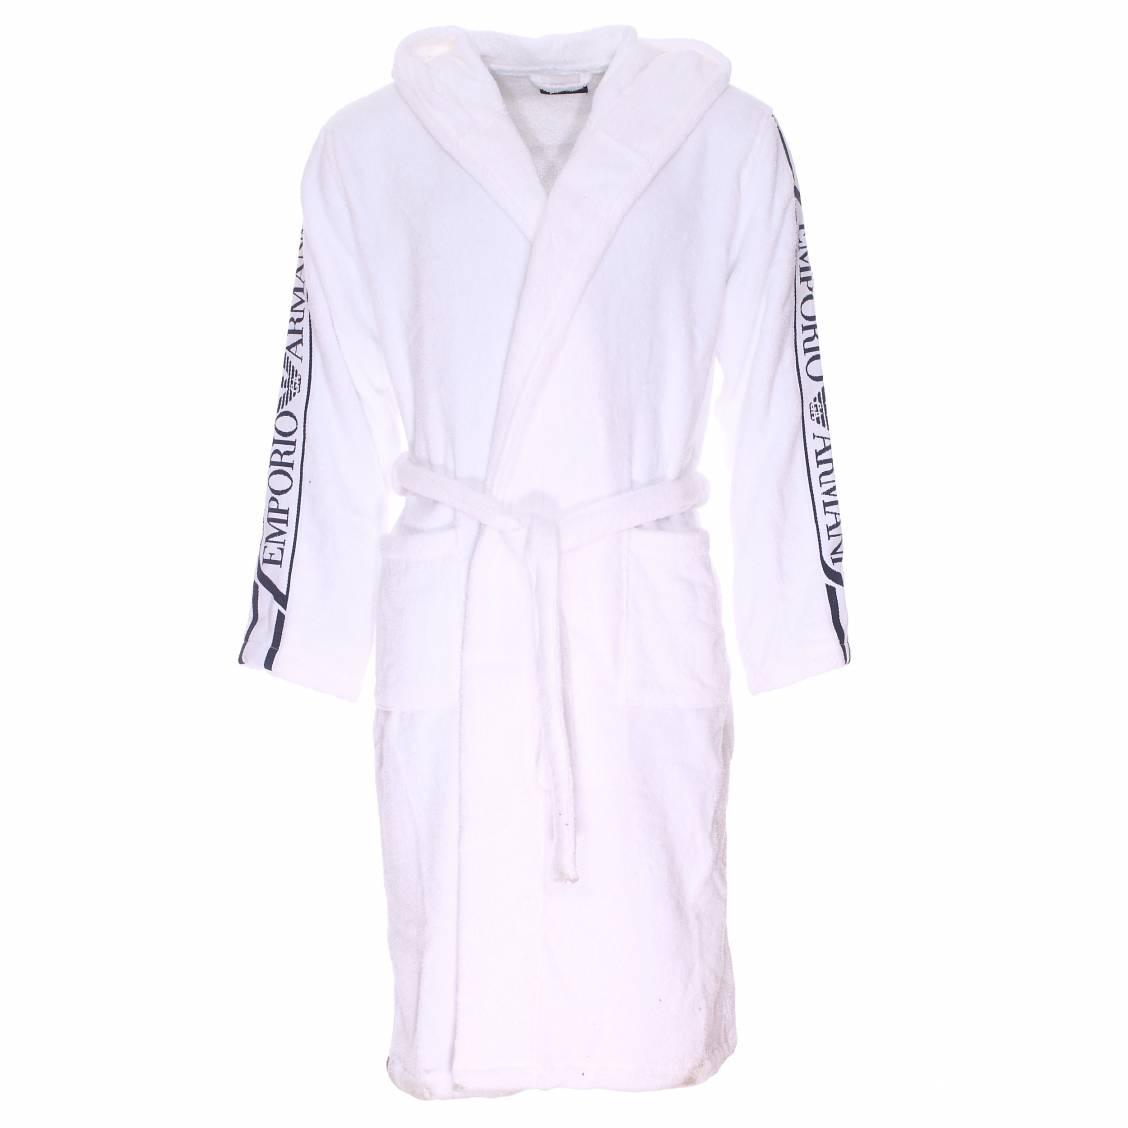 peignoir de bain capuche emporio armani en coton blanc brod sur les manches rue des hommes. Black Bedroom Furniture Sets. Home Design Ideas